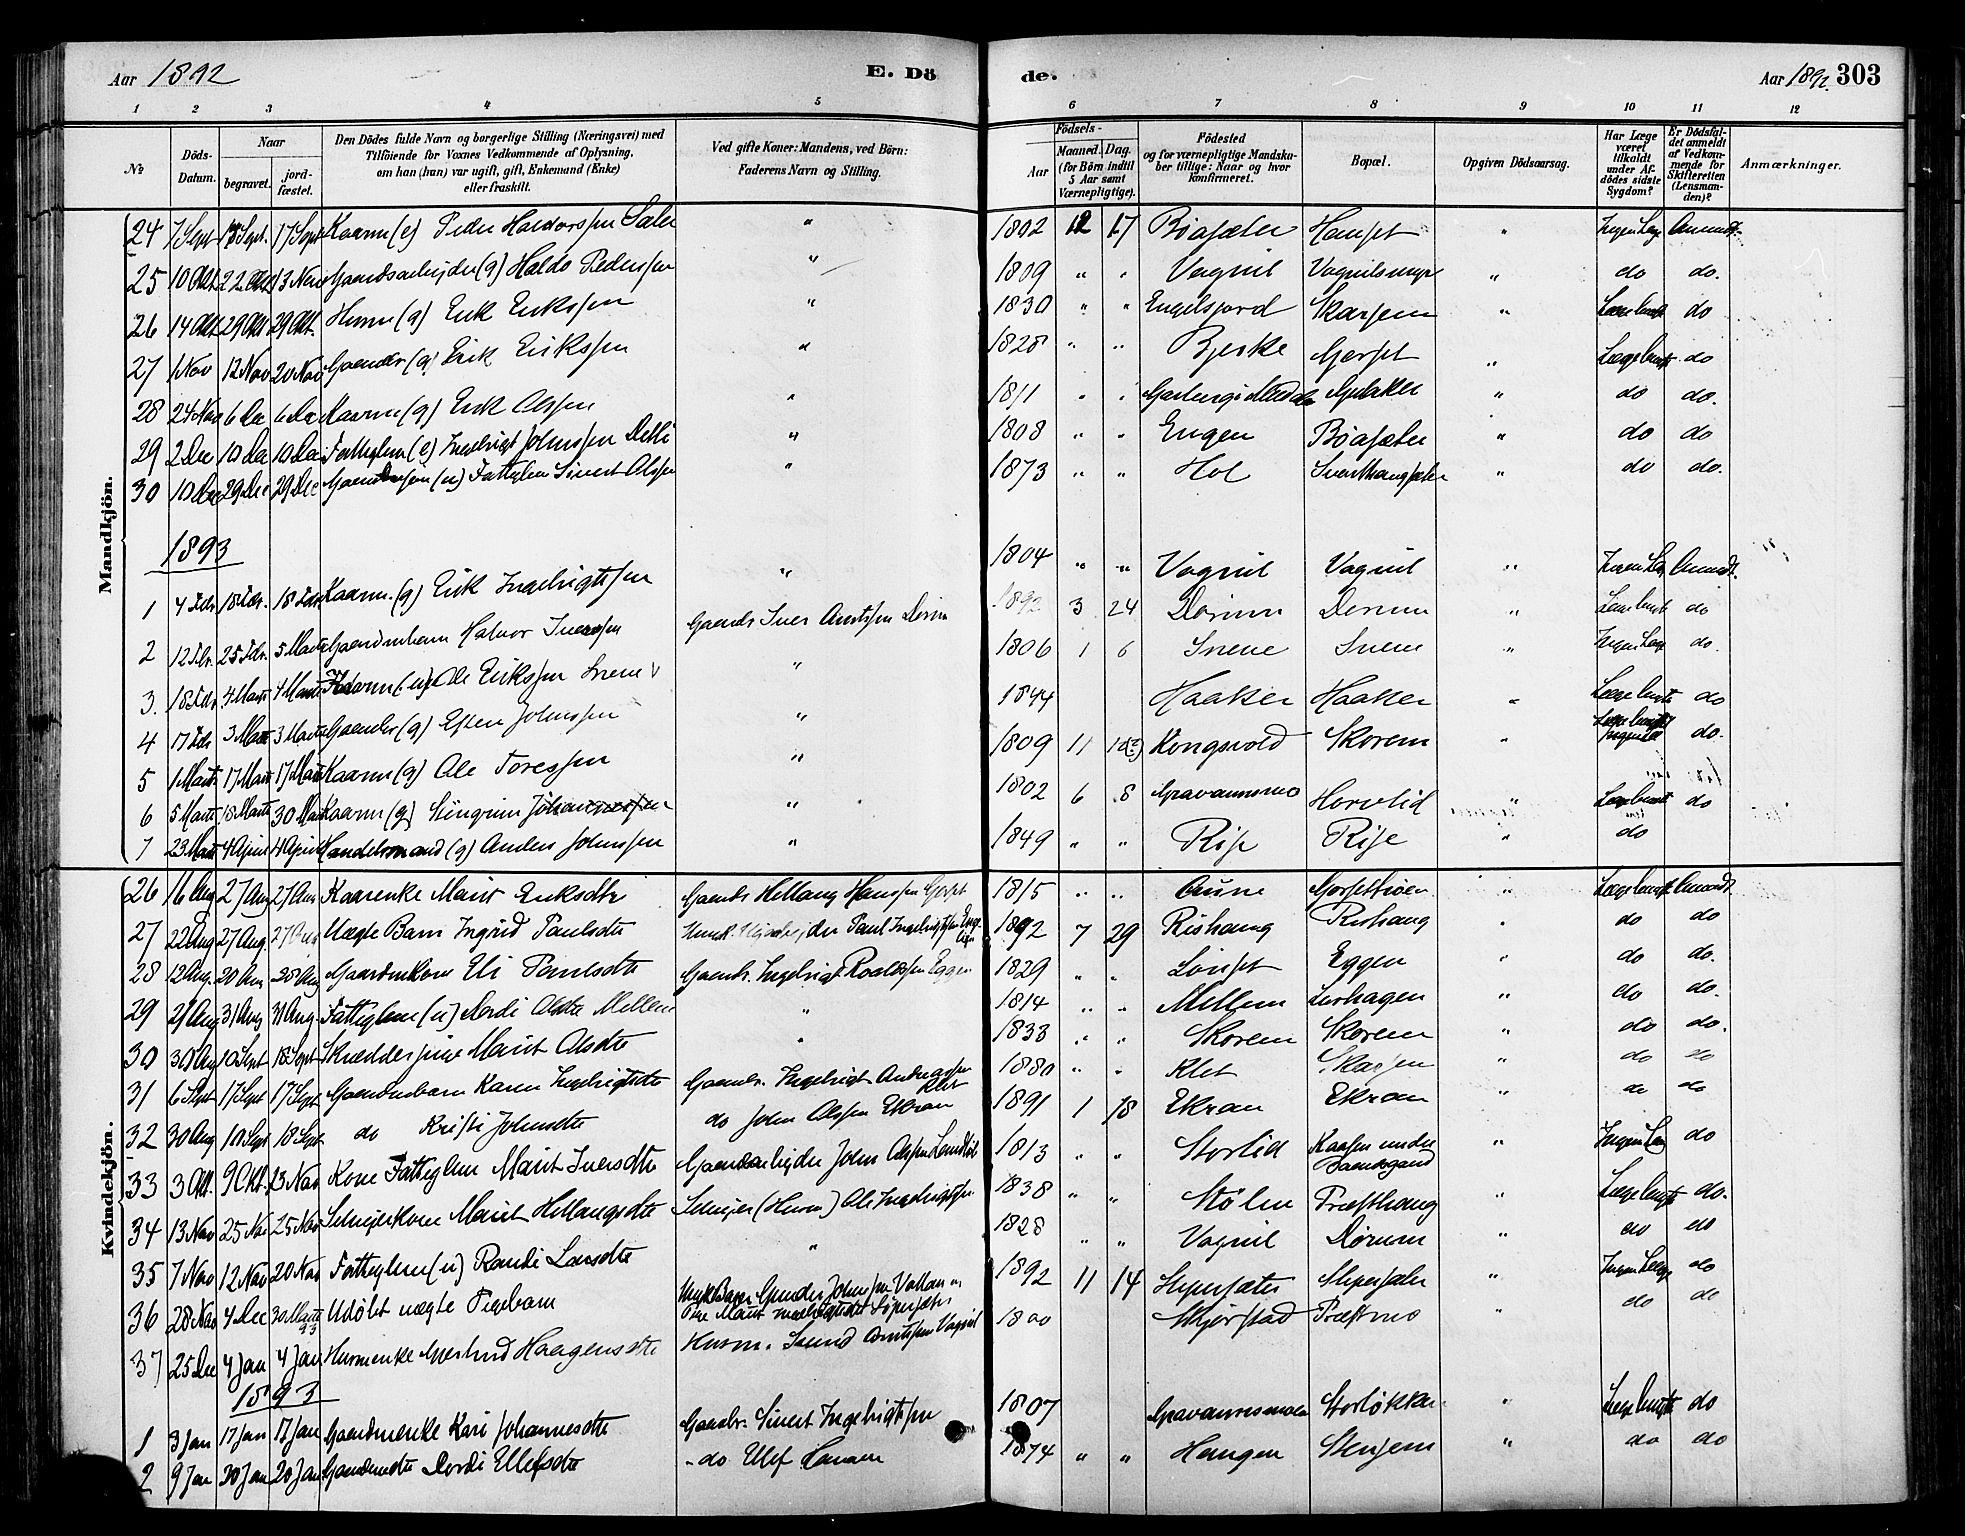 SAT, Ministerialprotokoller, klokkerbøker og fødselsregistre - Sør-Trøndelag, 678/L0901: Ministerialbok nr. 678A10, 1881-1894, s. 303